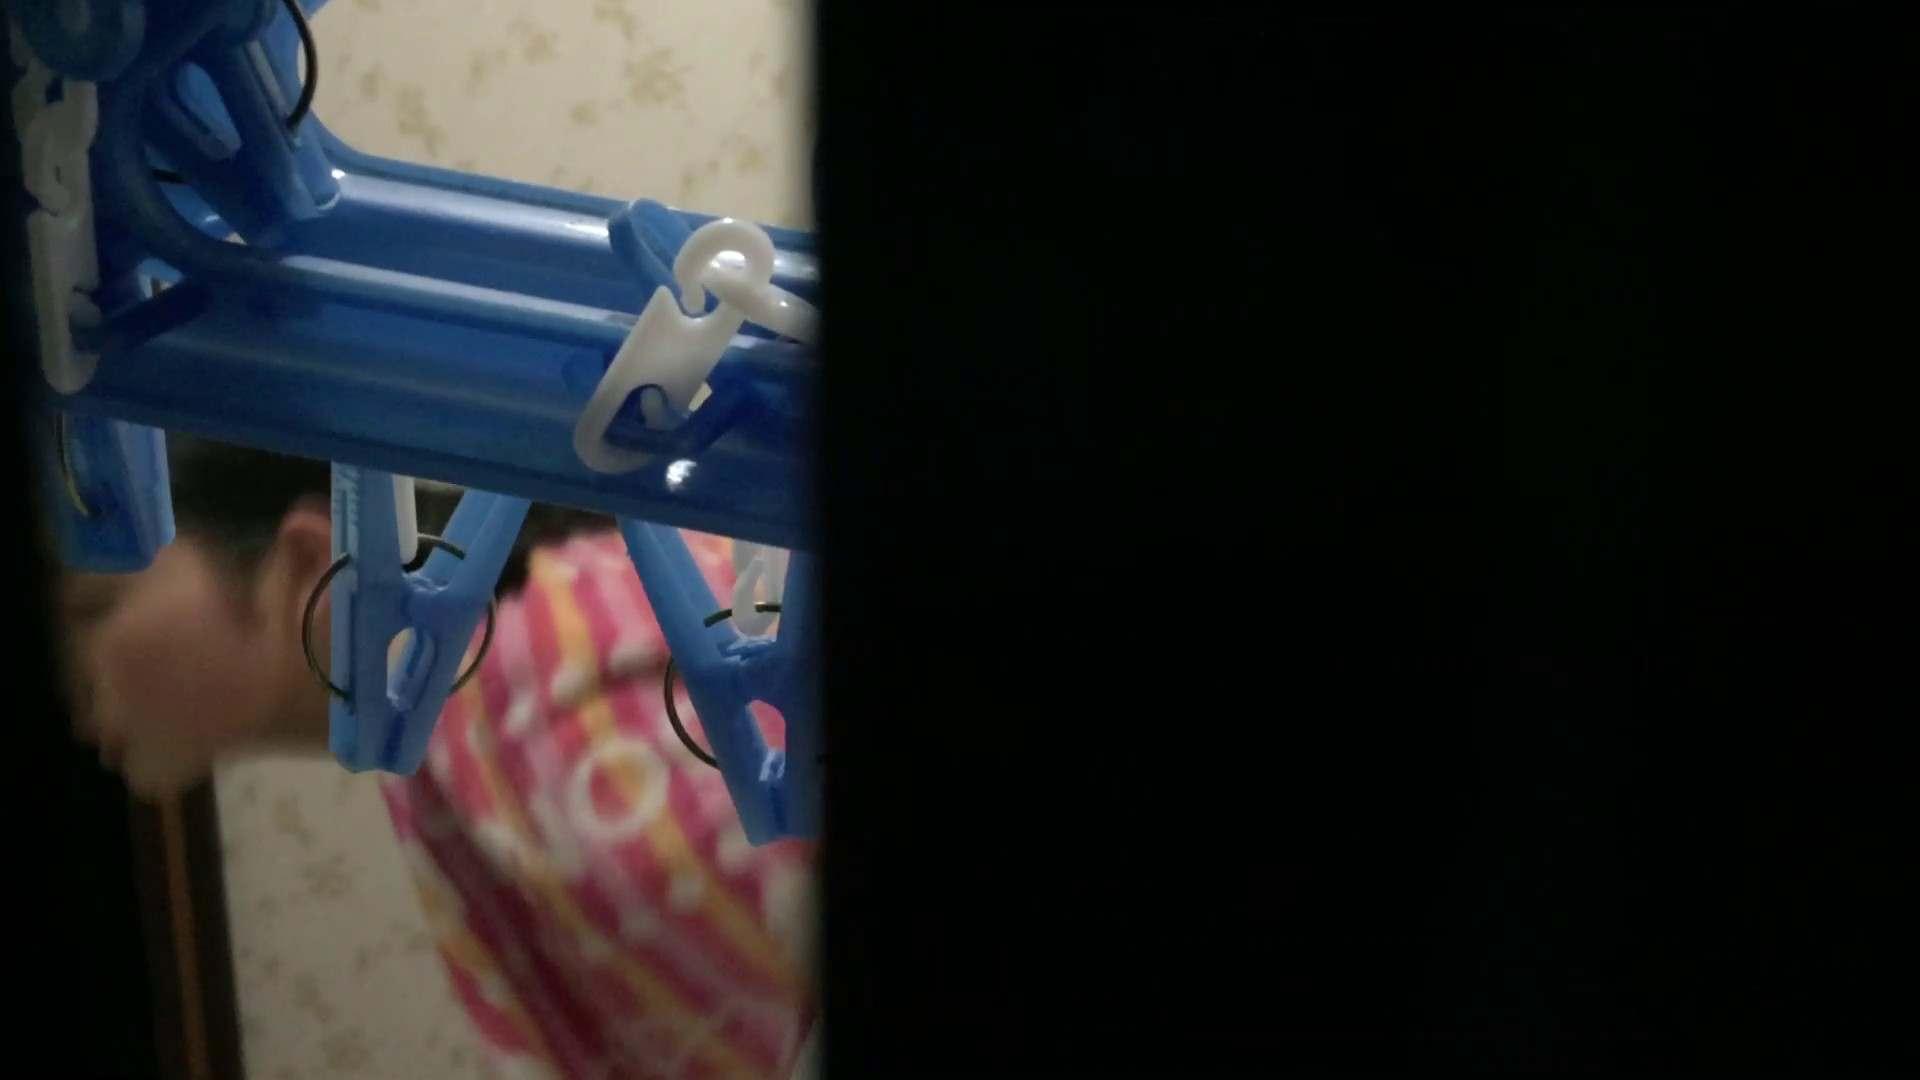 【19位 2016】リアルインパクト盗撮~入浴編 Vol.13 萌える注の入浴 盗撮編 えろ無修正画像 106枚 27